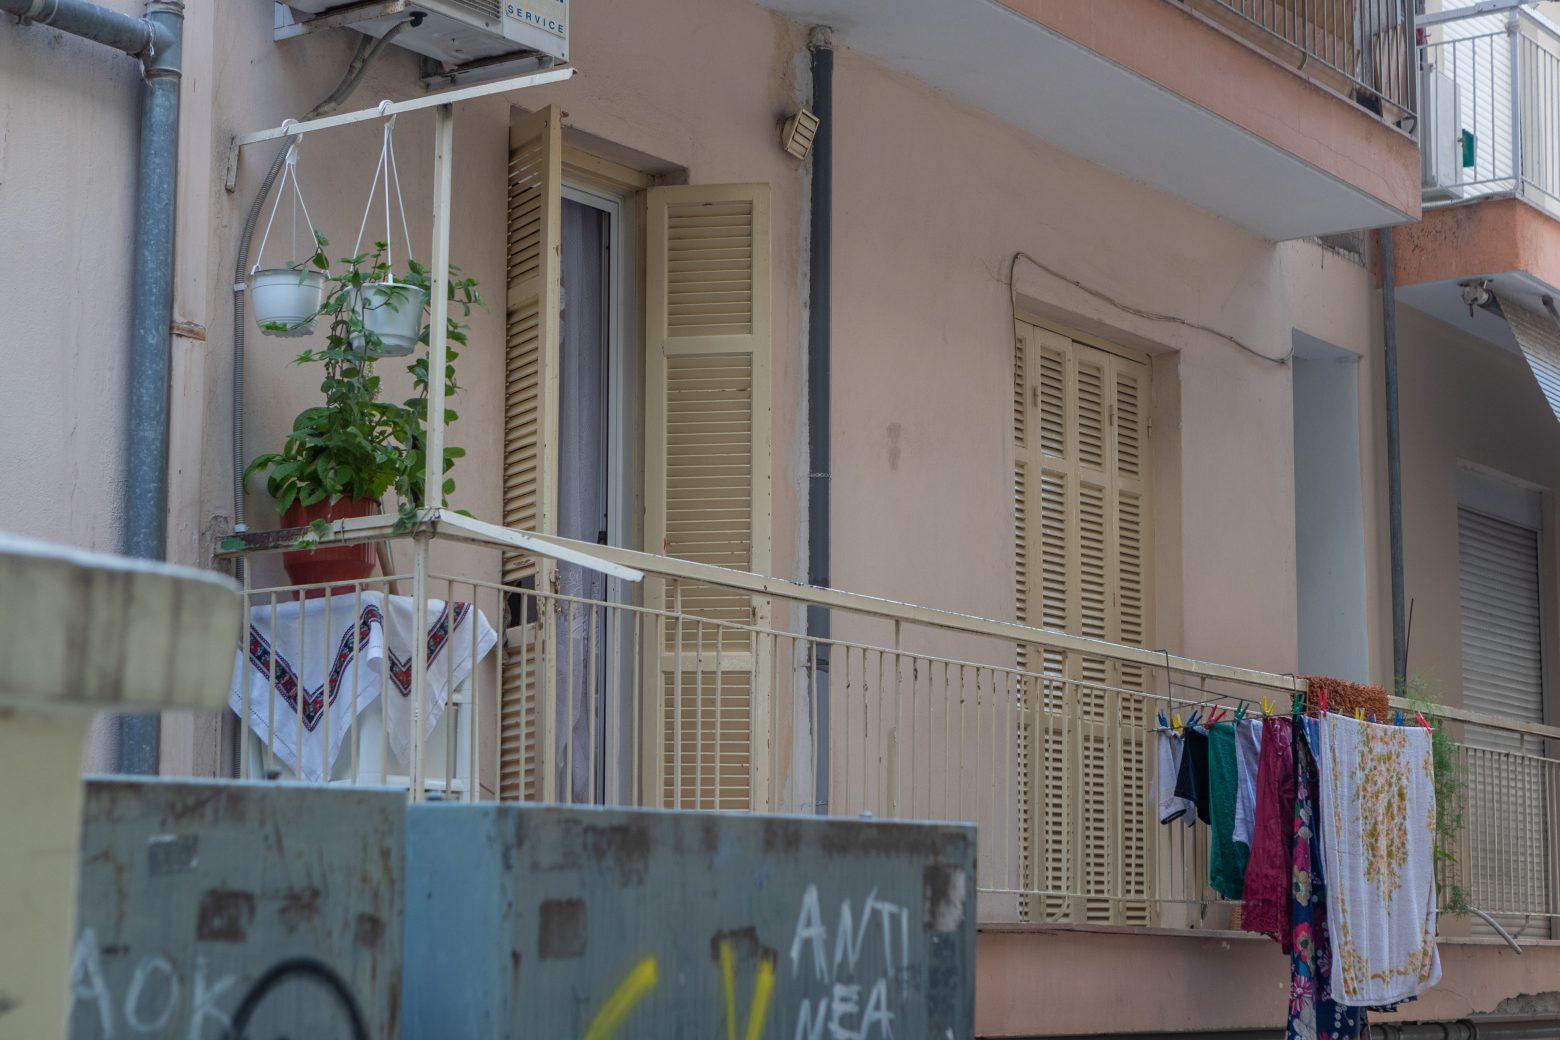 Γυναικοκτονία στην Θεσσαλονίκη: Συνελήφθη ο δράστης